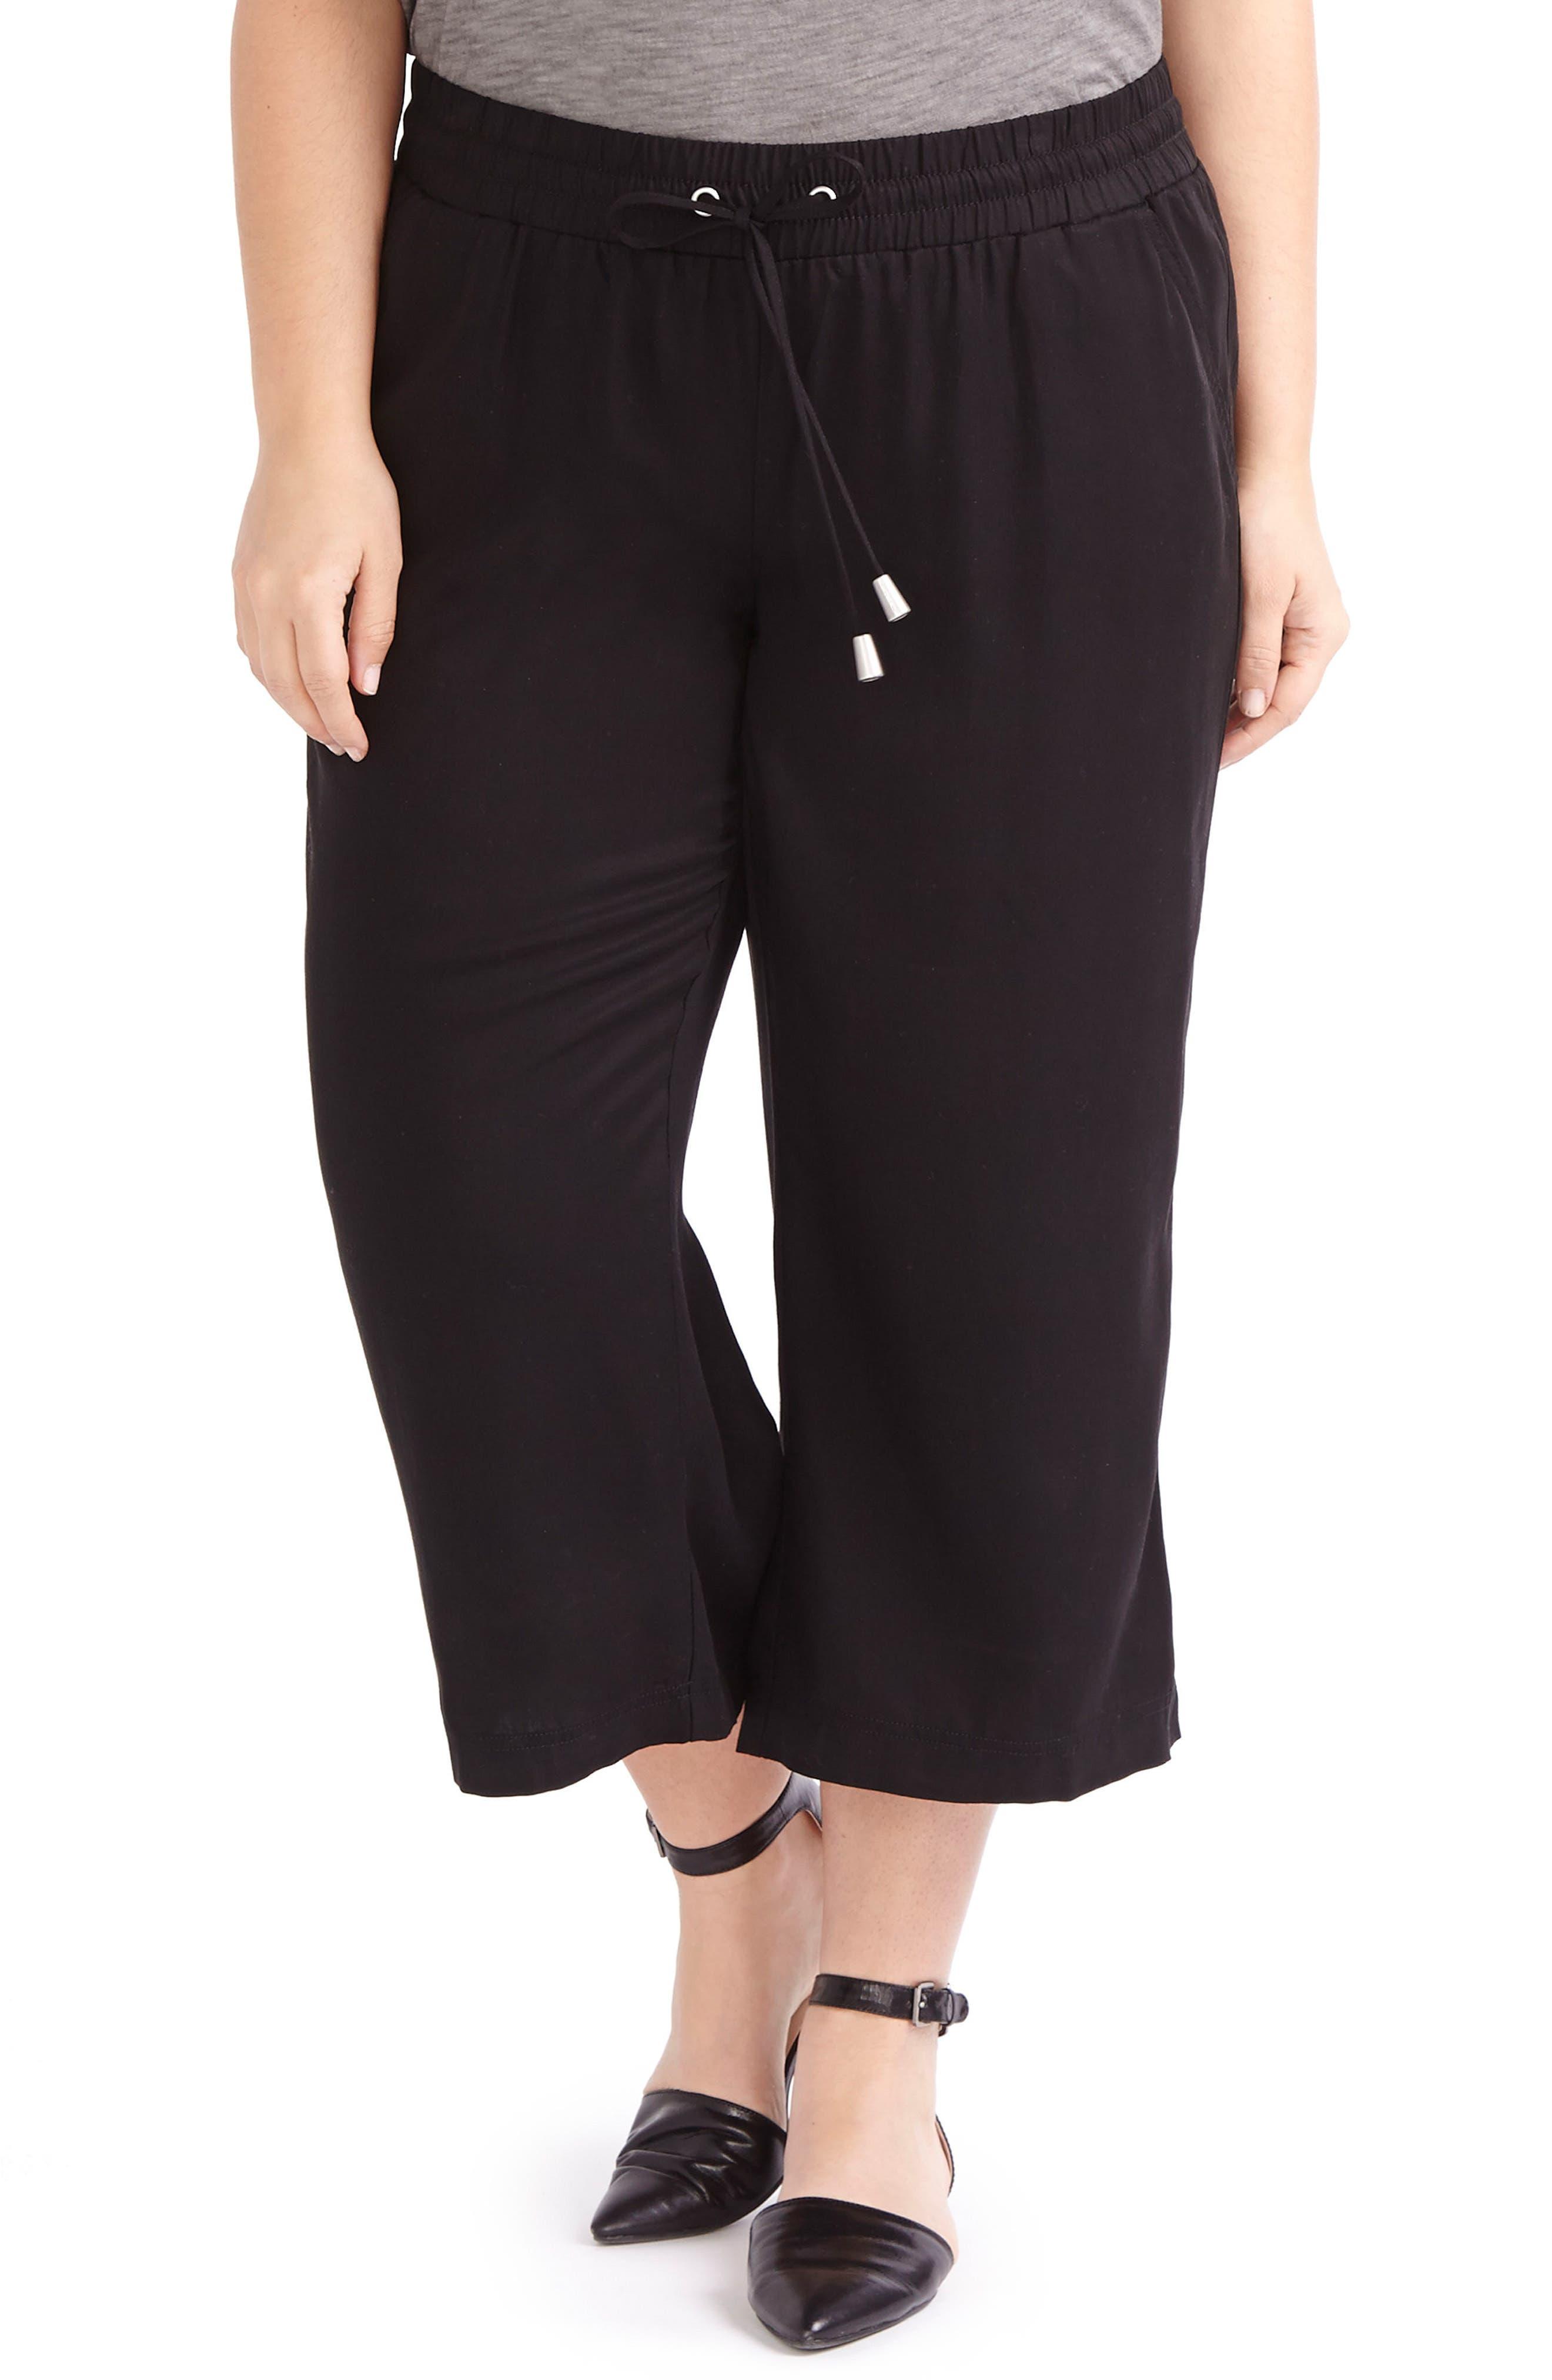 ADDITION ELLE LOVE AND LEGEND Wide Leg Capri Pants (Plus Size)